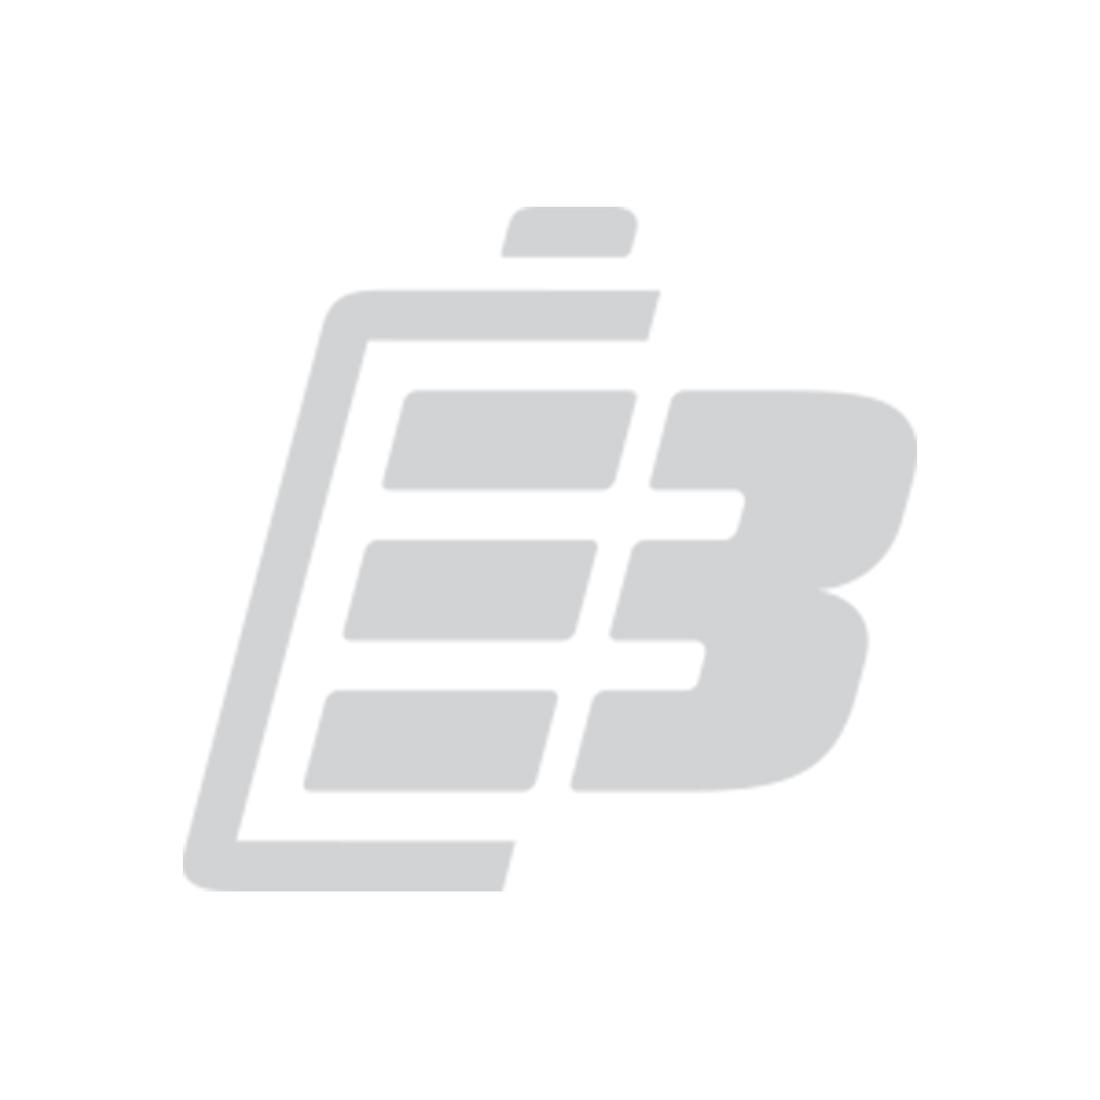 eveready 4R25-2